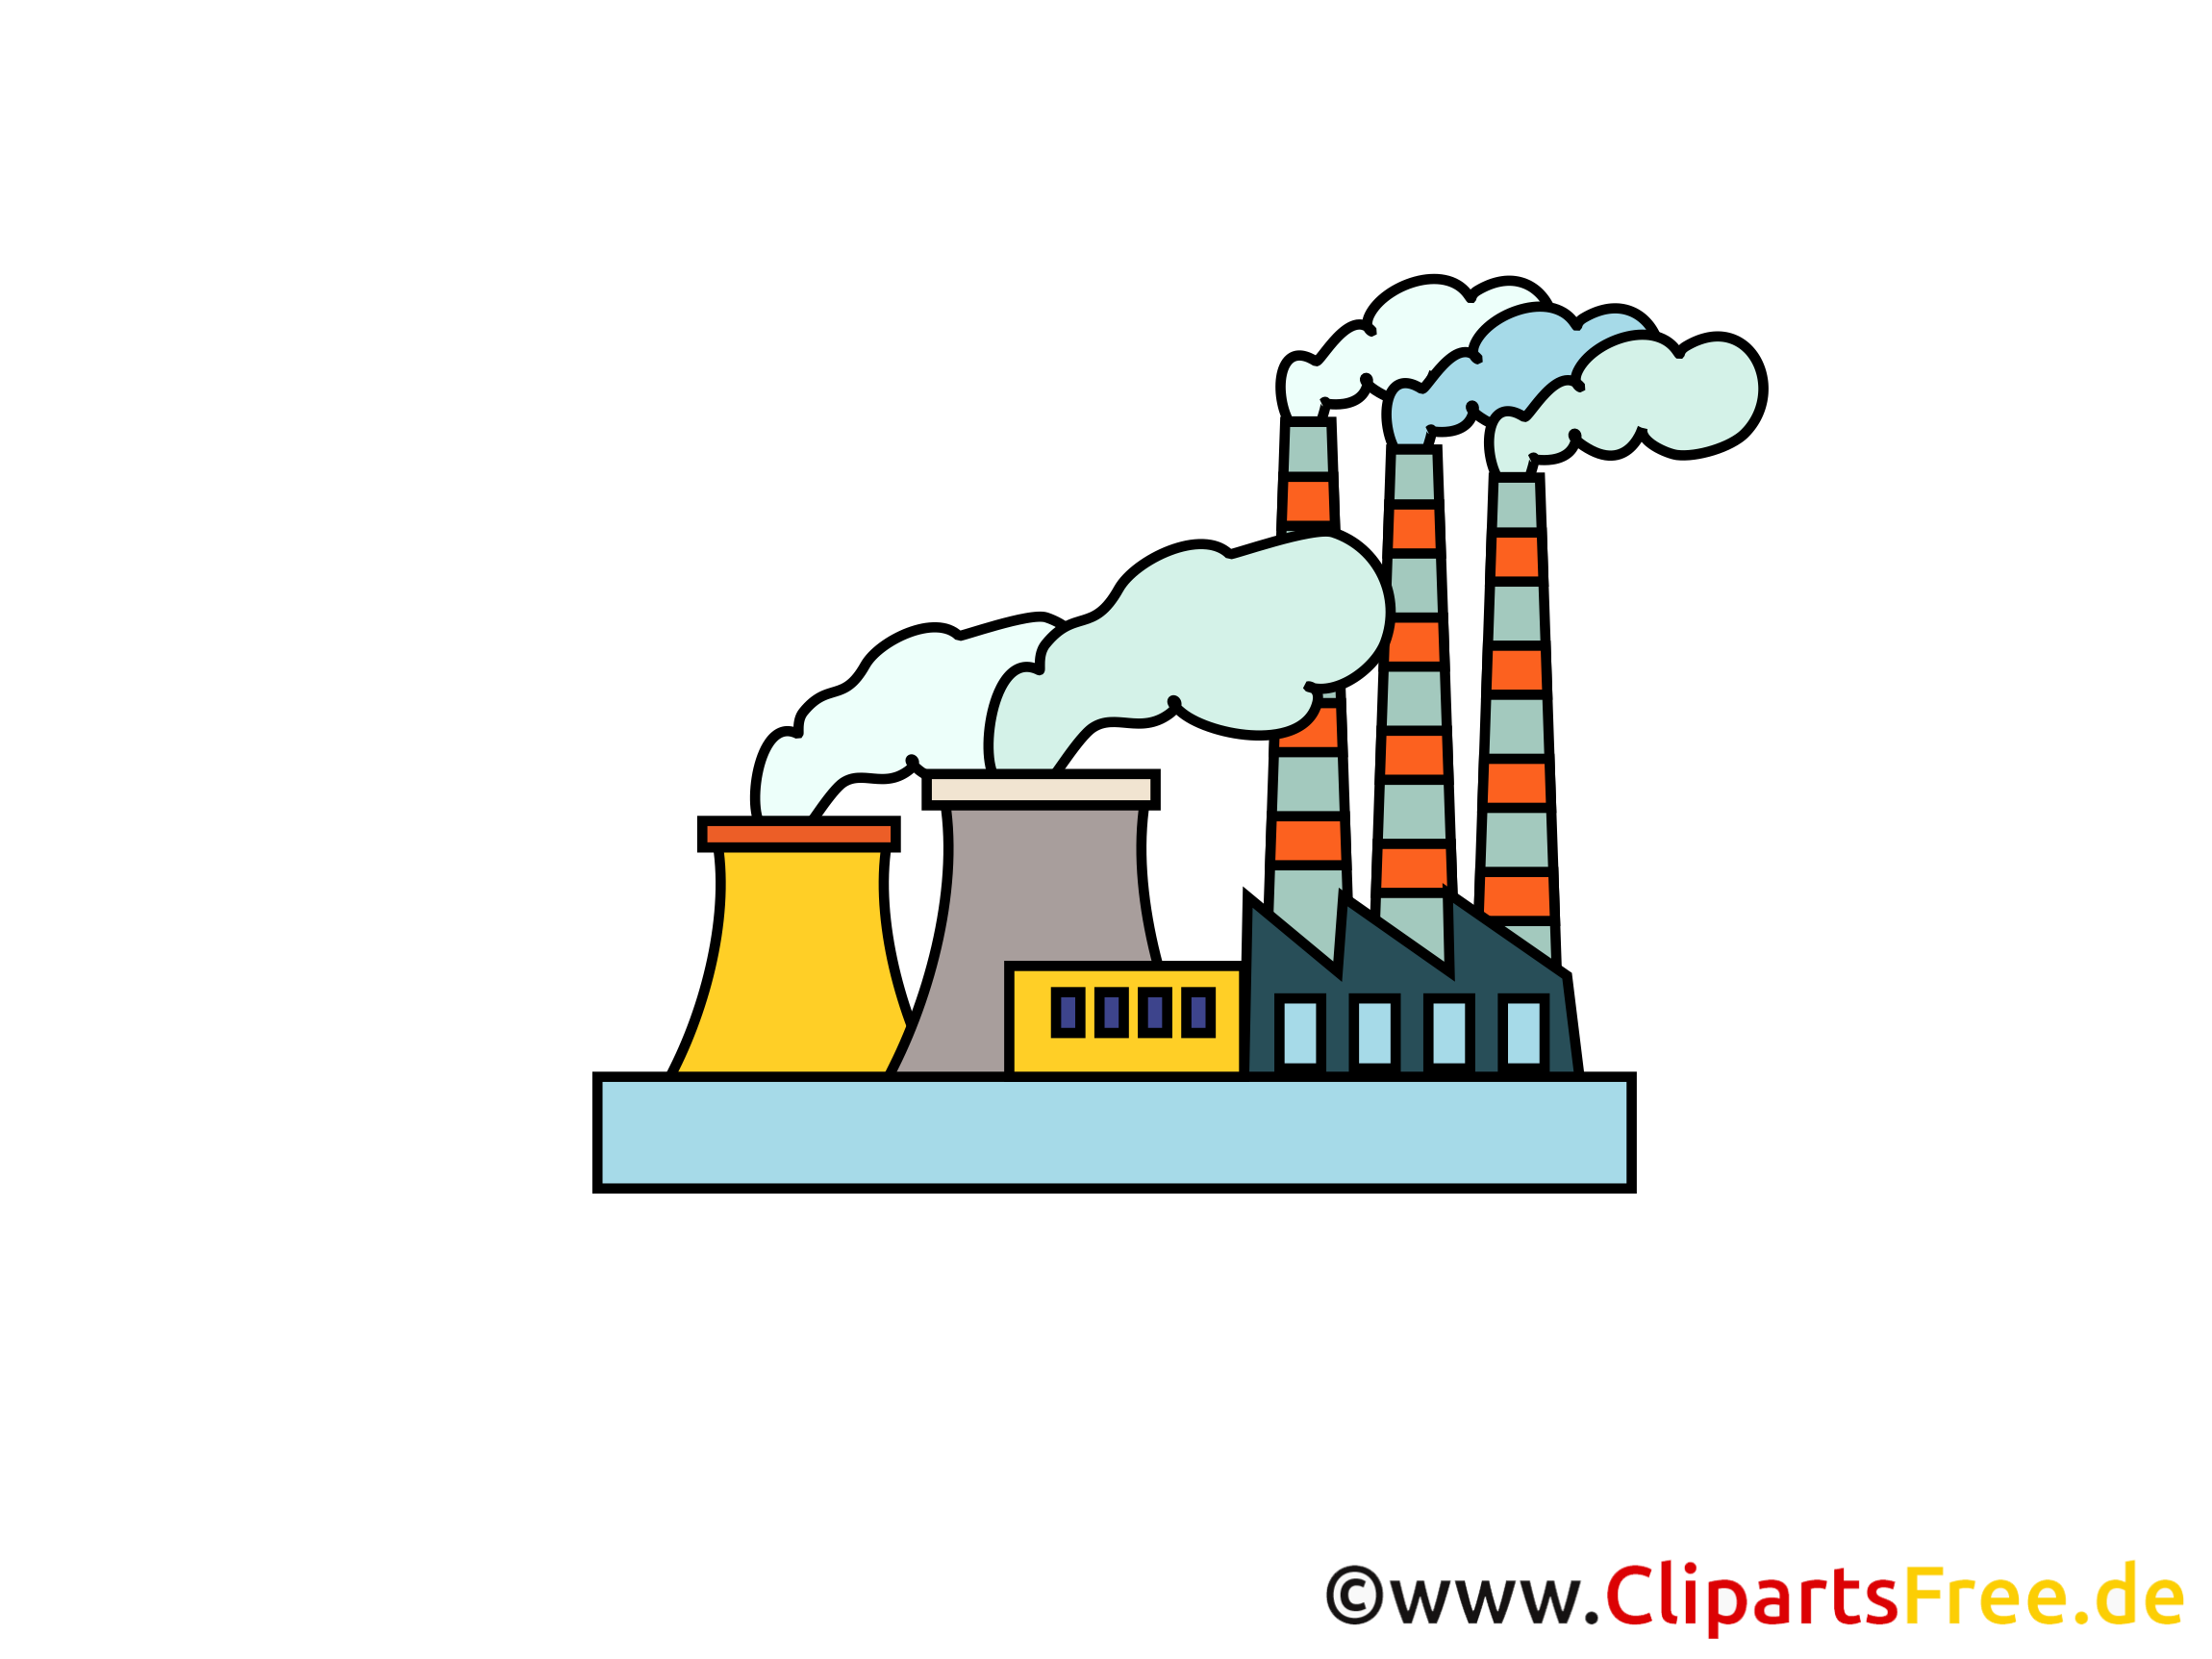 Industrie cliparts gratuis - Usine images